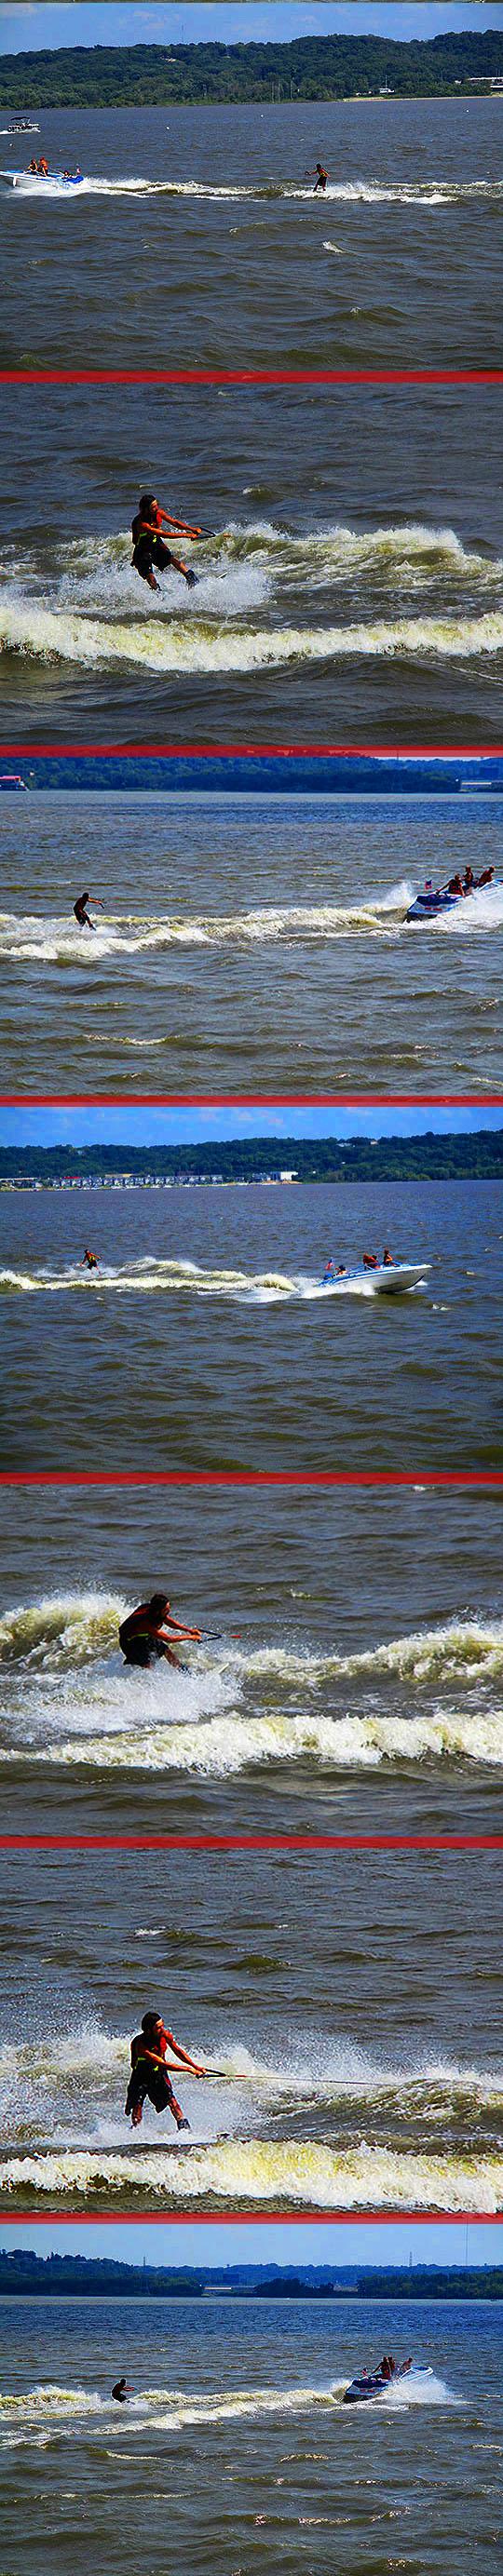 9. waterskiing_7-31-19.jpg